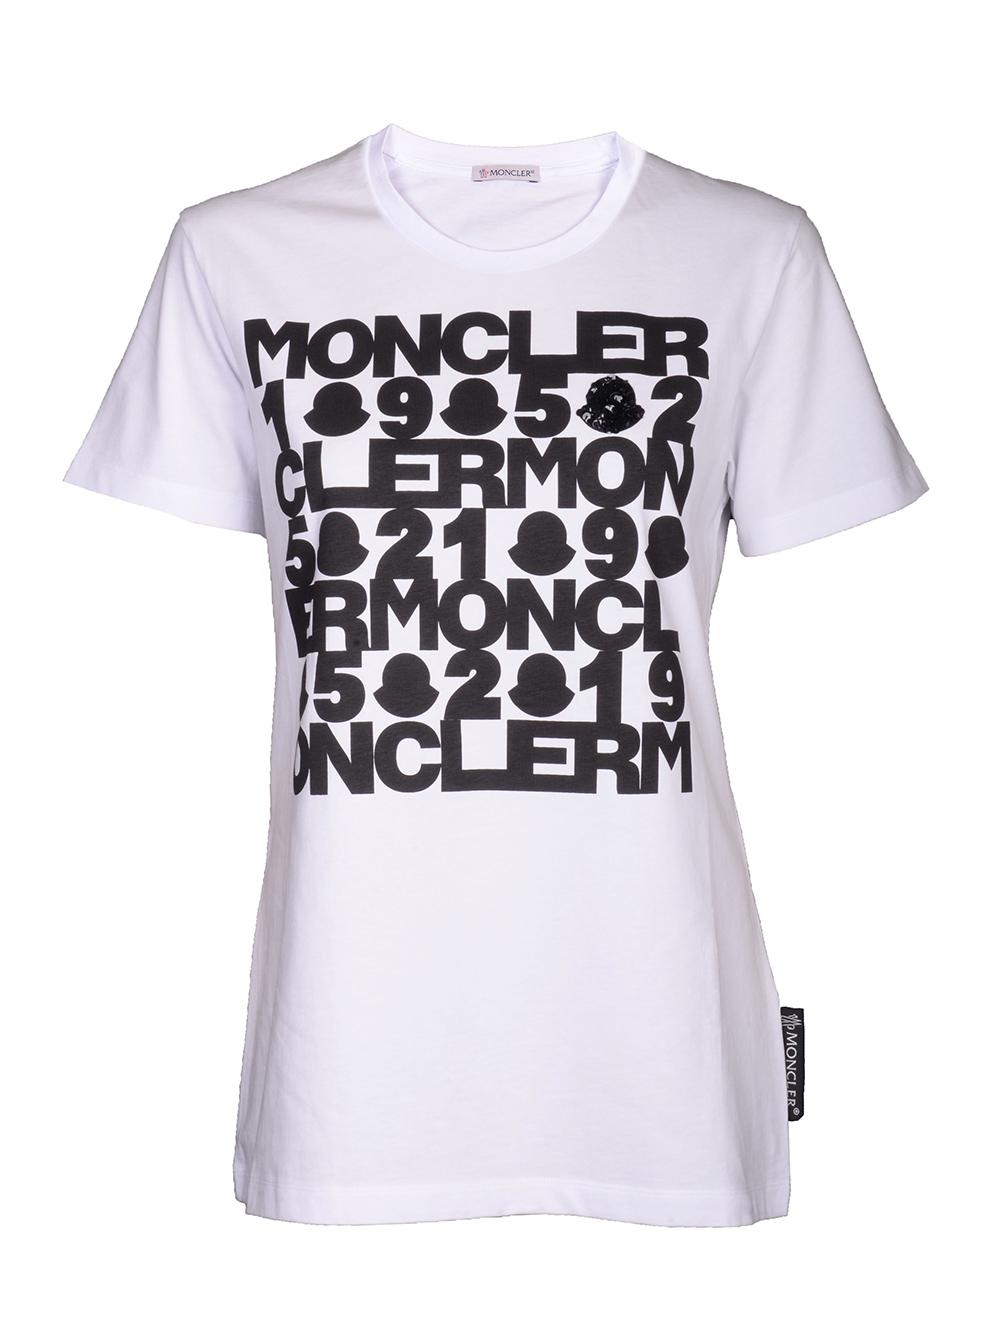 MONCLER Μπλούζα Τ-shirt E2-093-8090850 V8093 ΛΕΥΚΟ